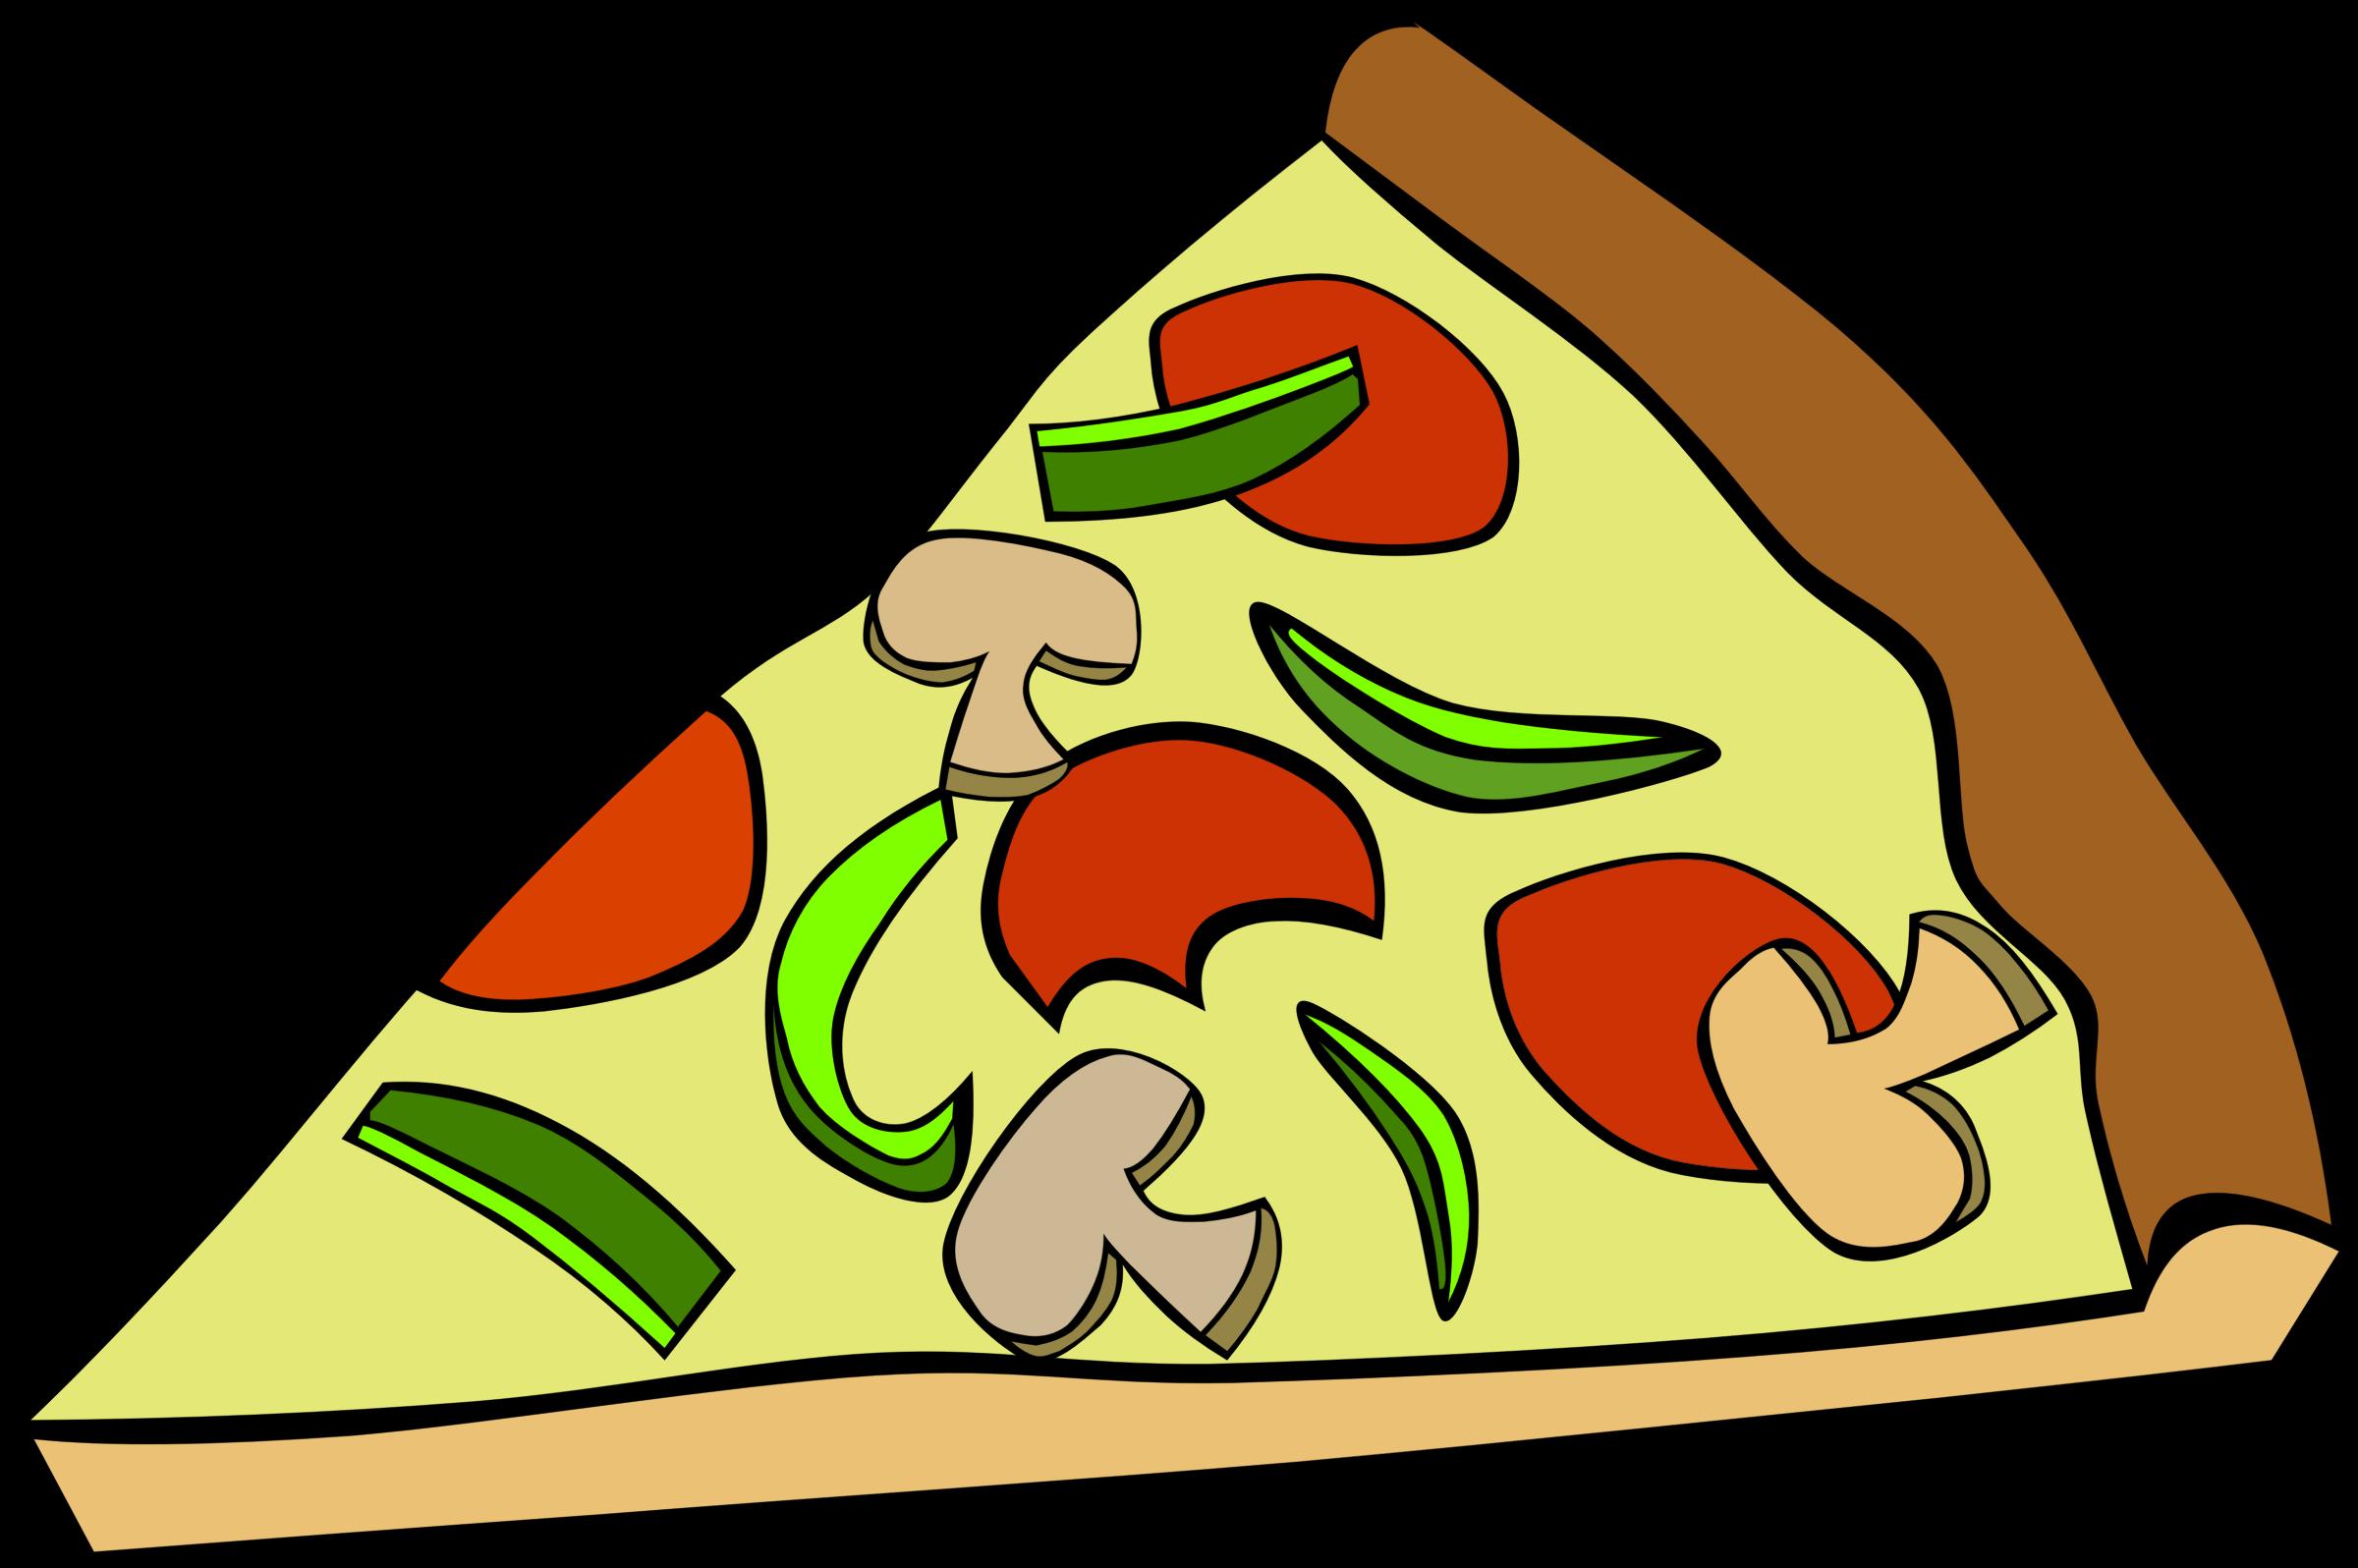 2400x1596 Pizza Clipart Junk Food